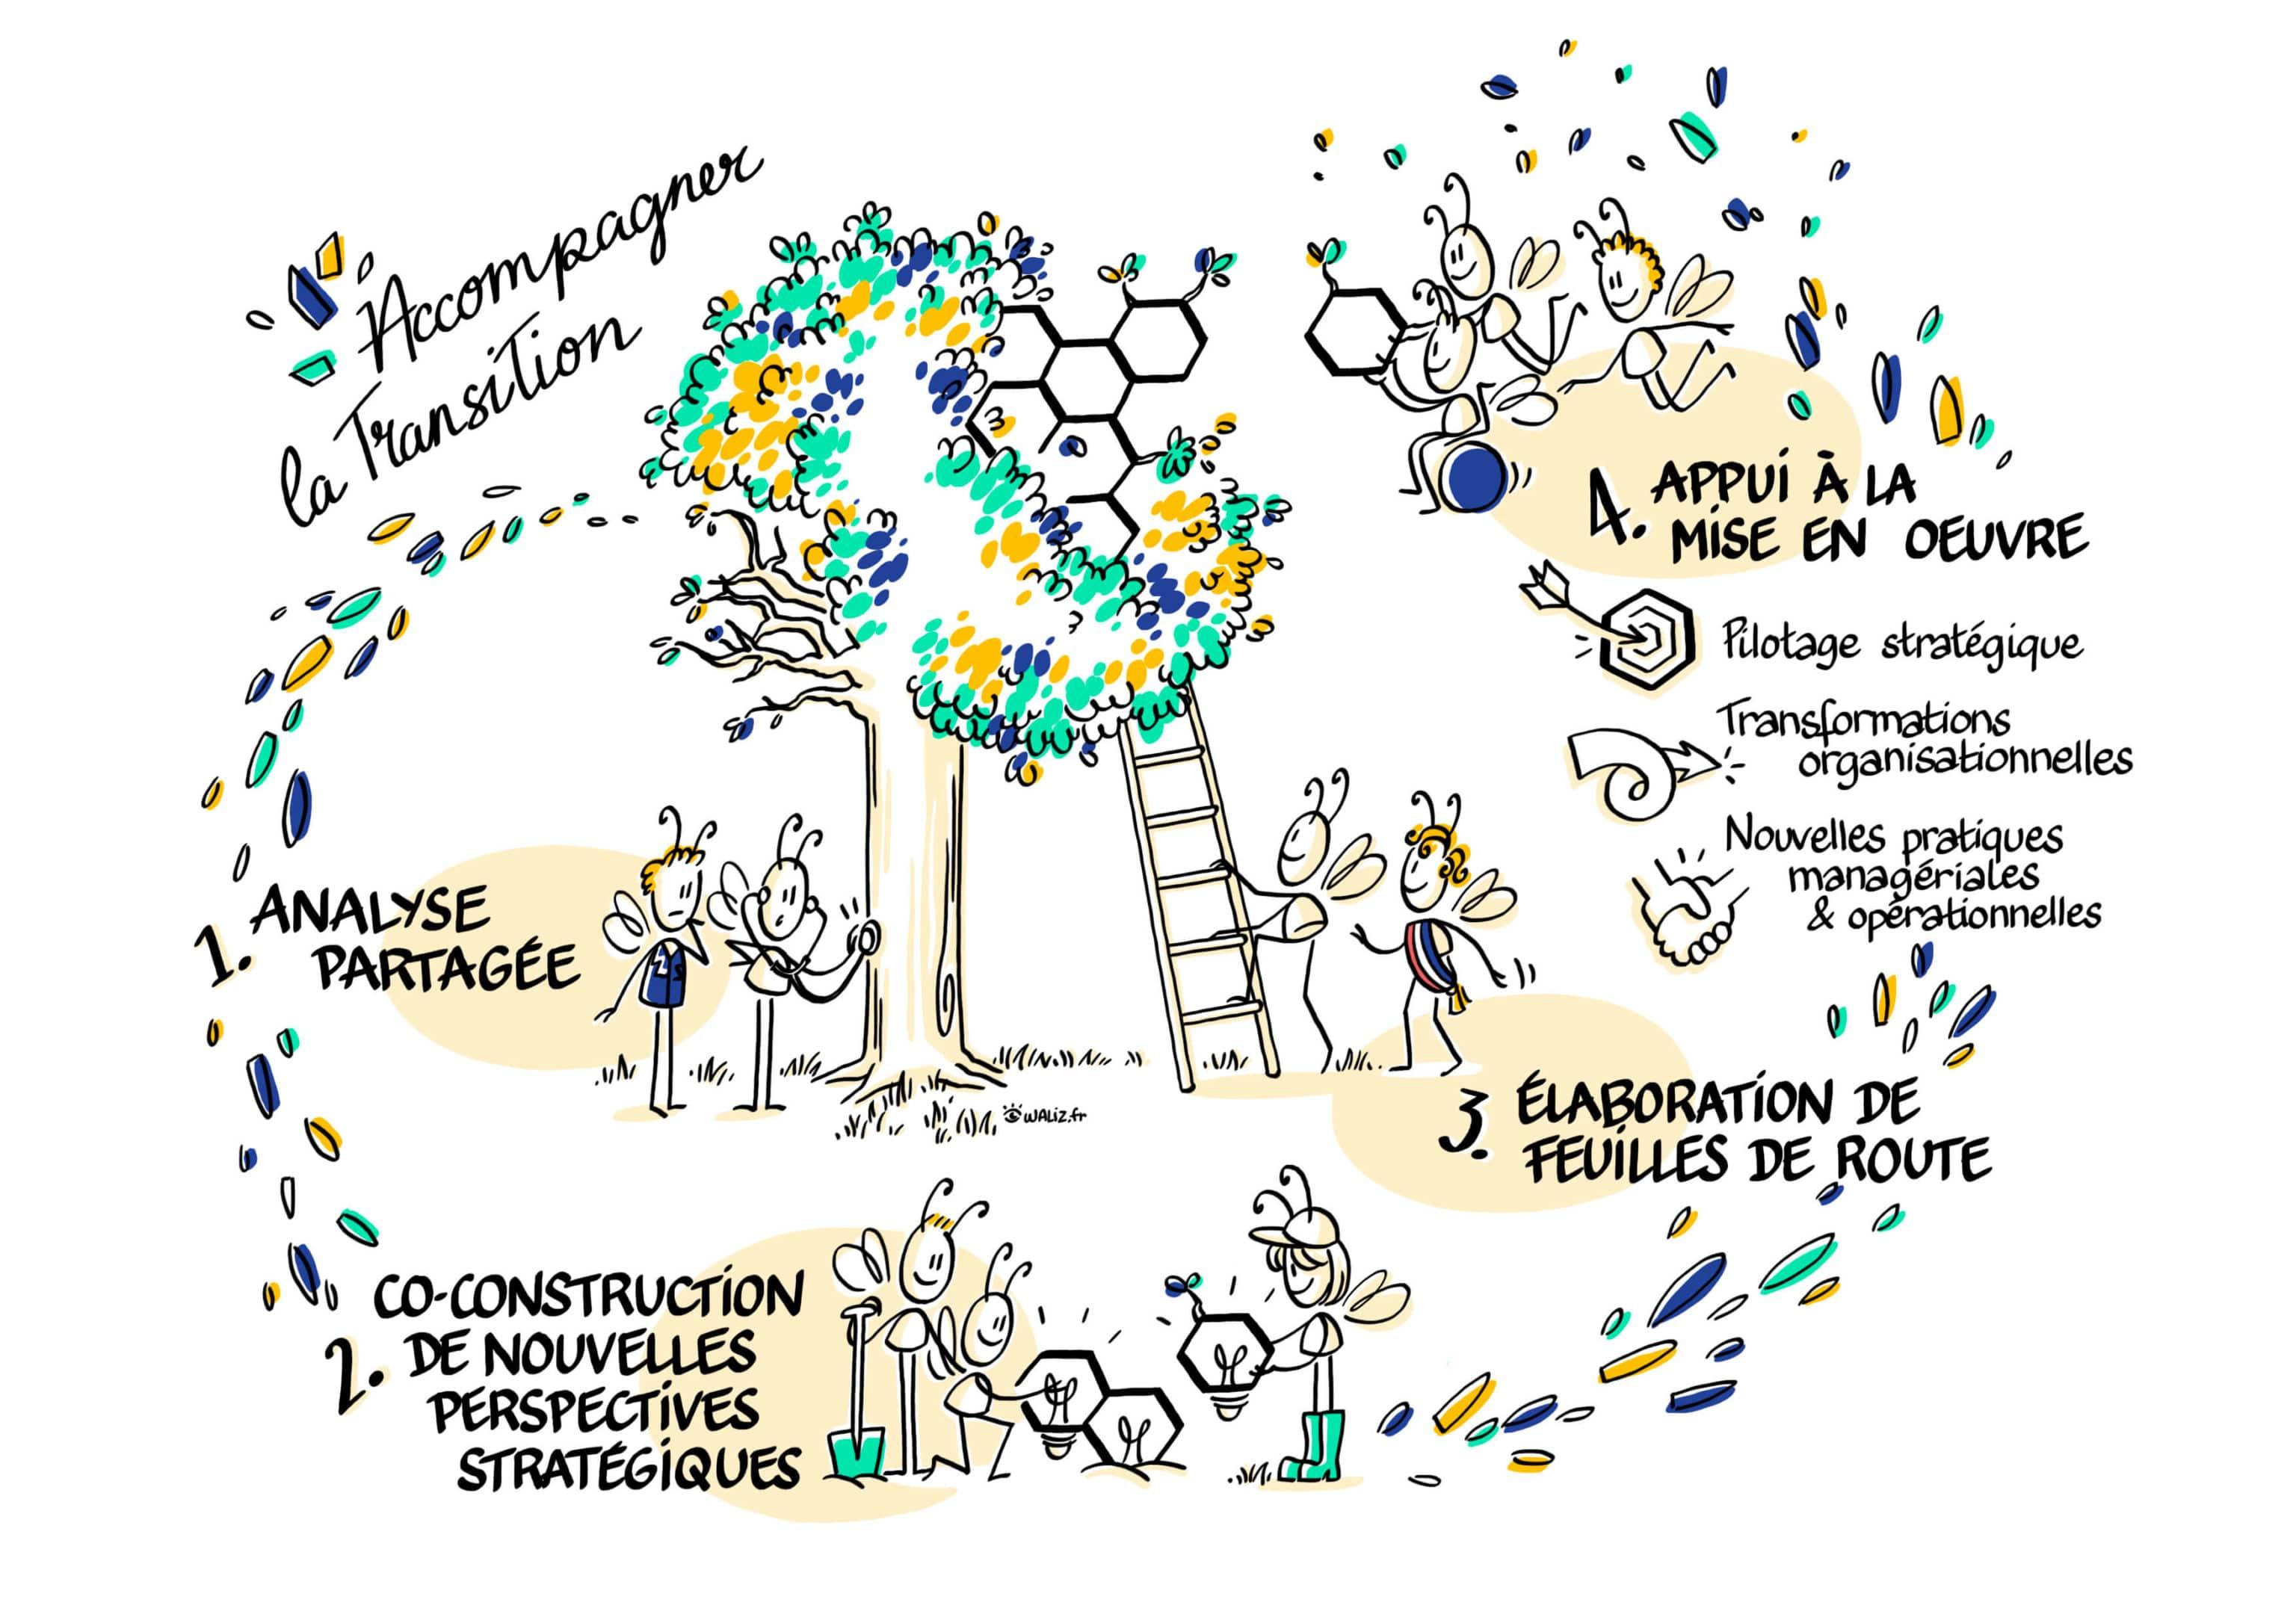 Accompagner la transition_STEER TRANSITION_Analyse partagée_nouvelles perspectives_Lyon_Quimper_Paris